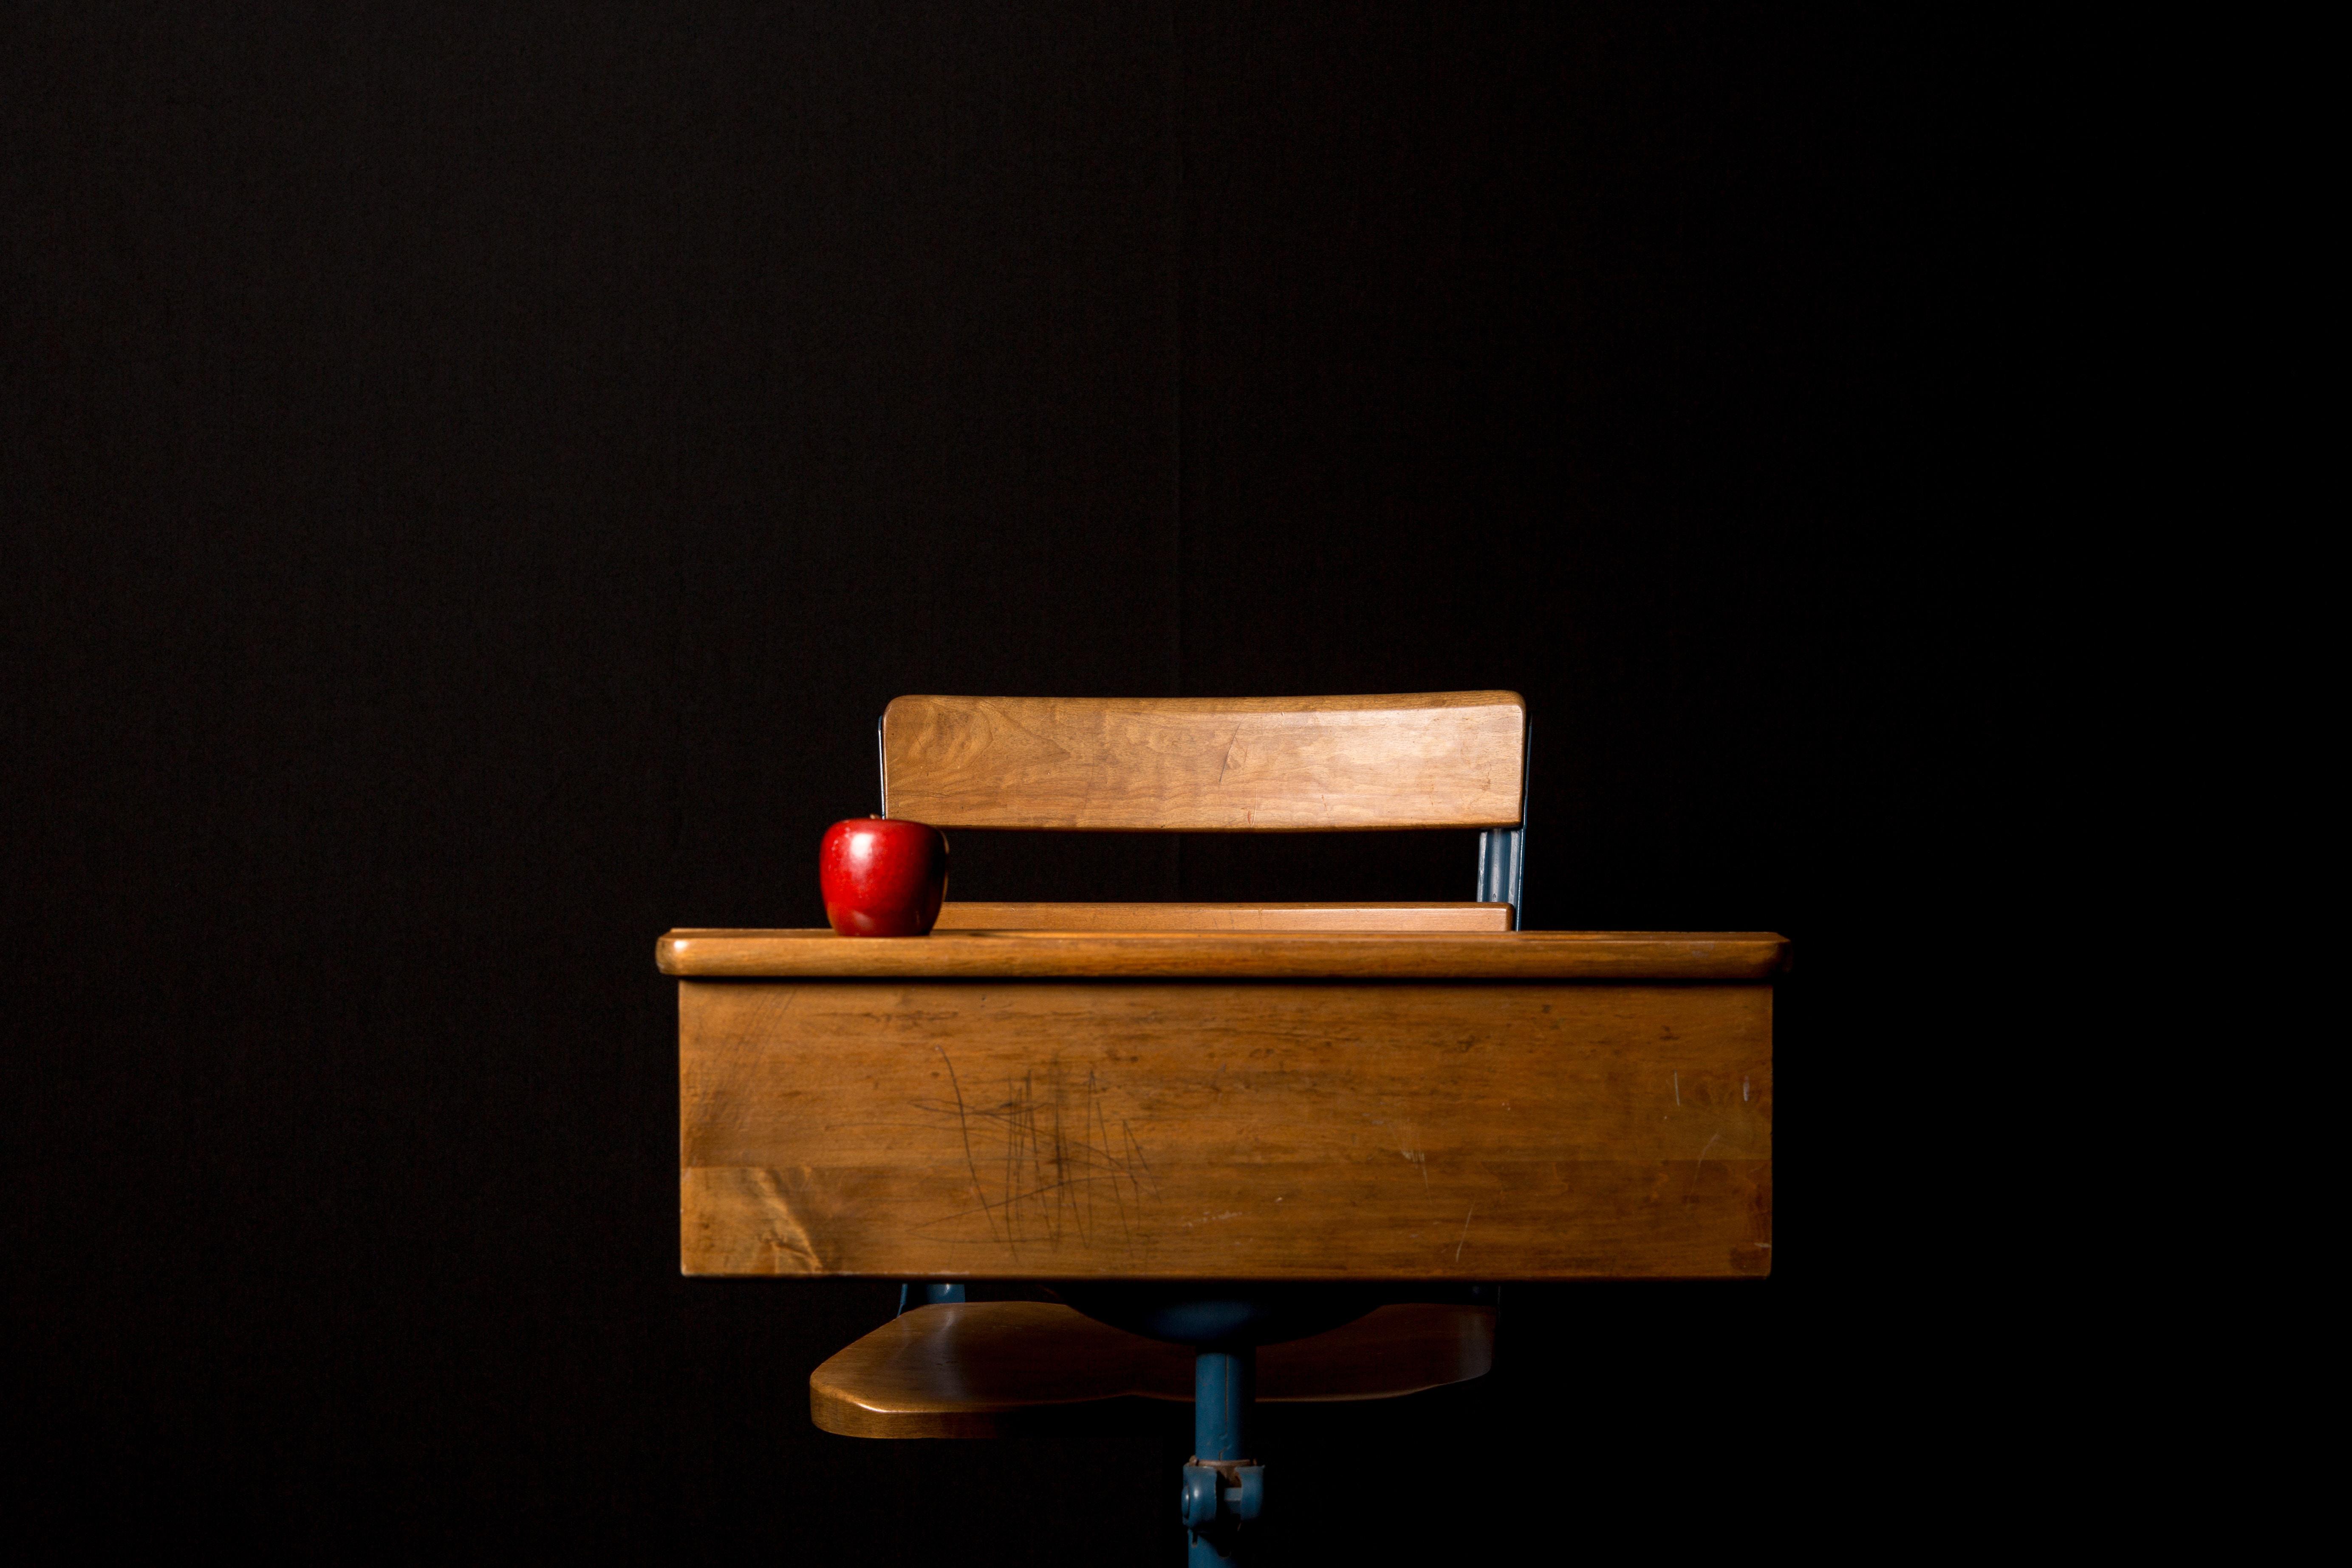 mitos-educativos